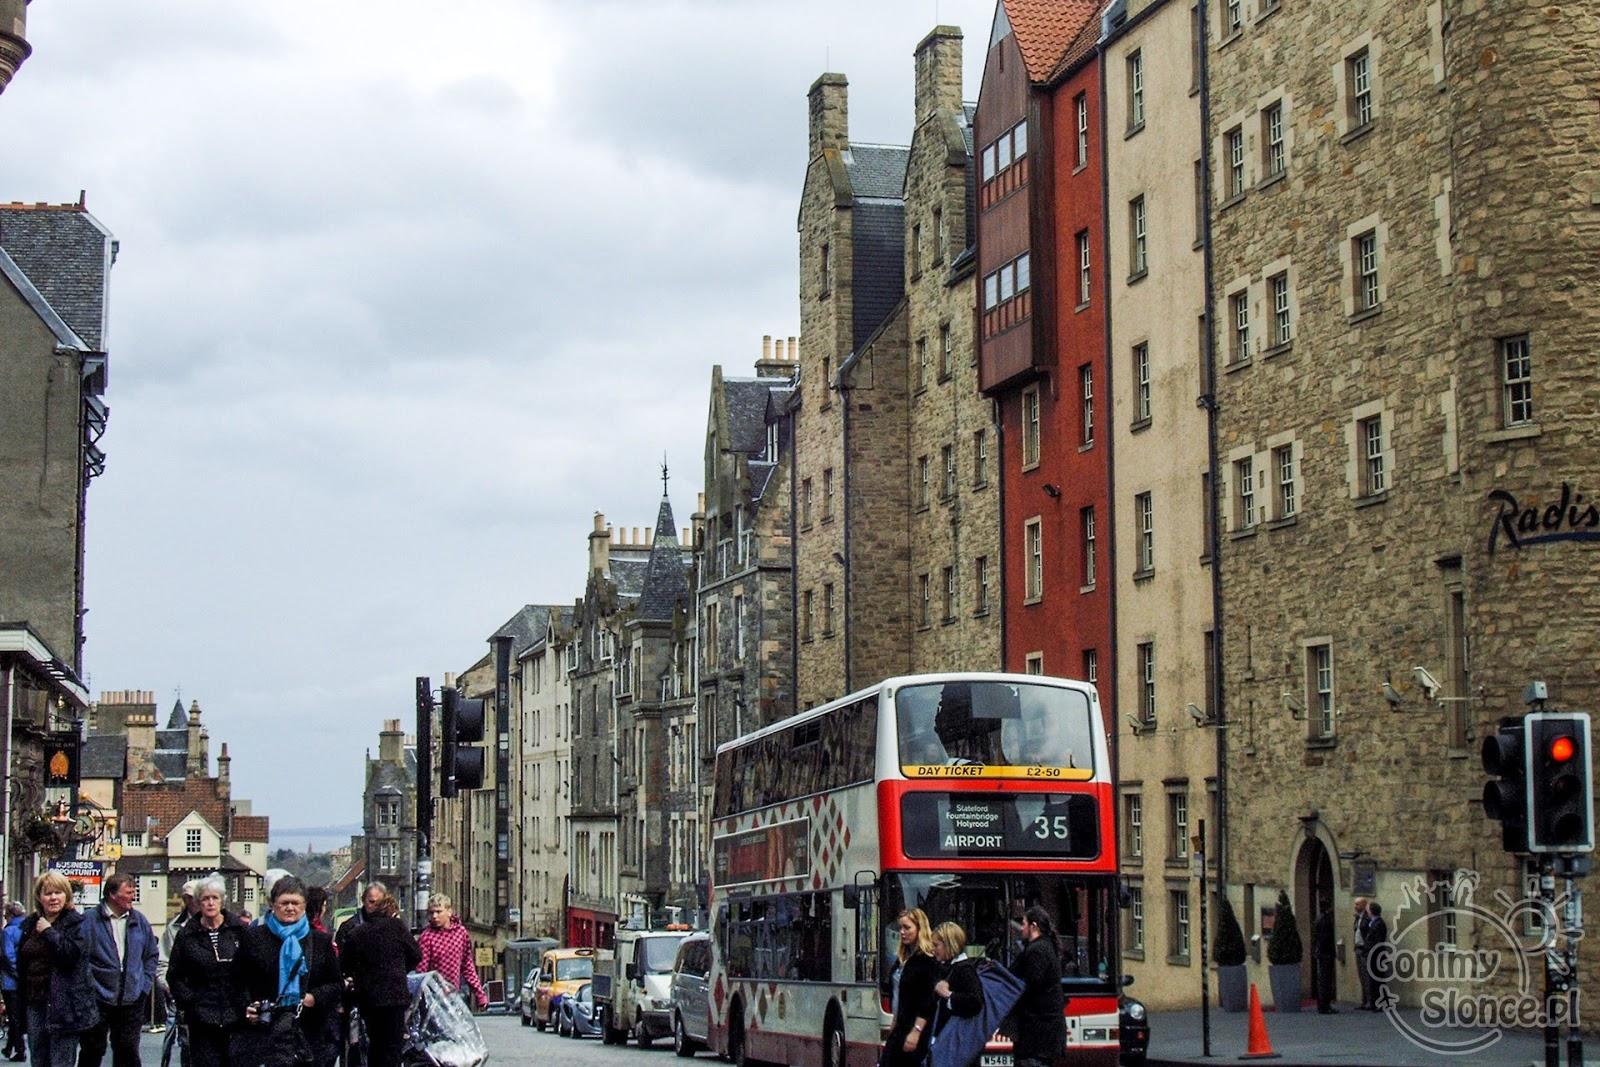 Royal Mile - High Street, miejski piętrowy autobus objazdowy